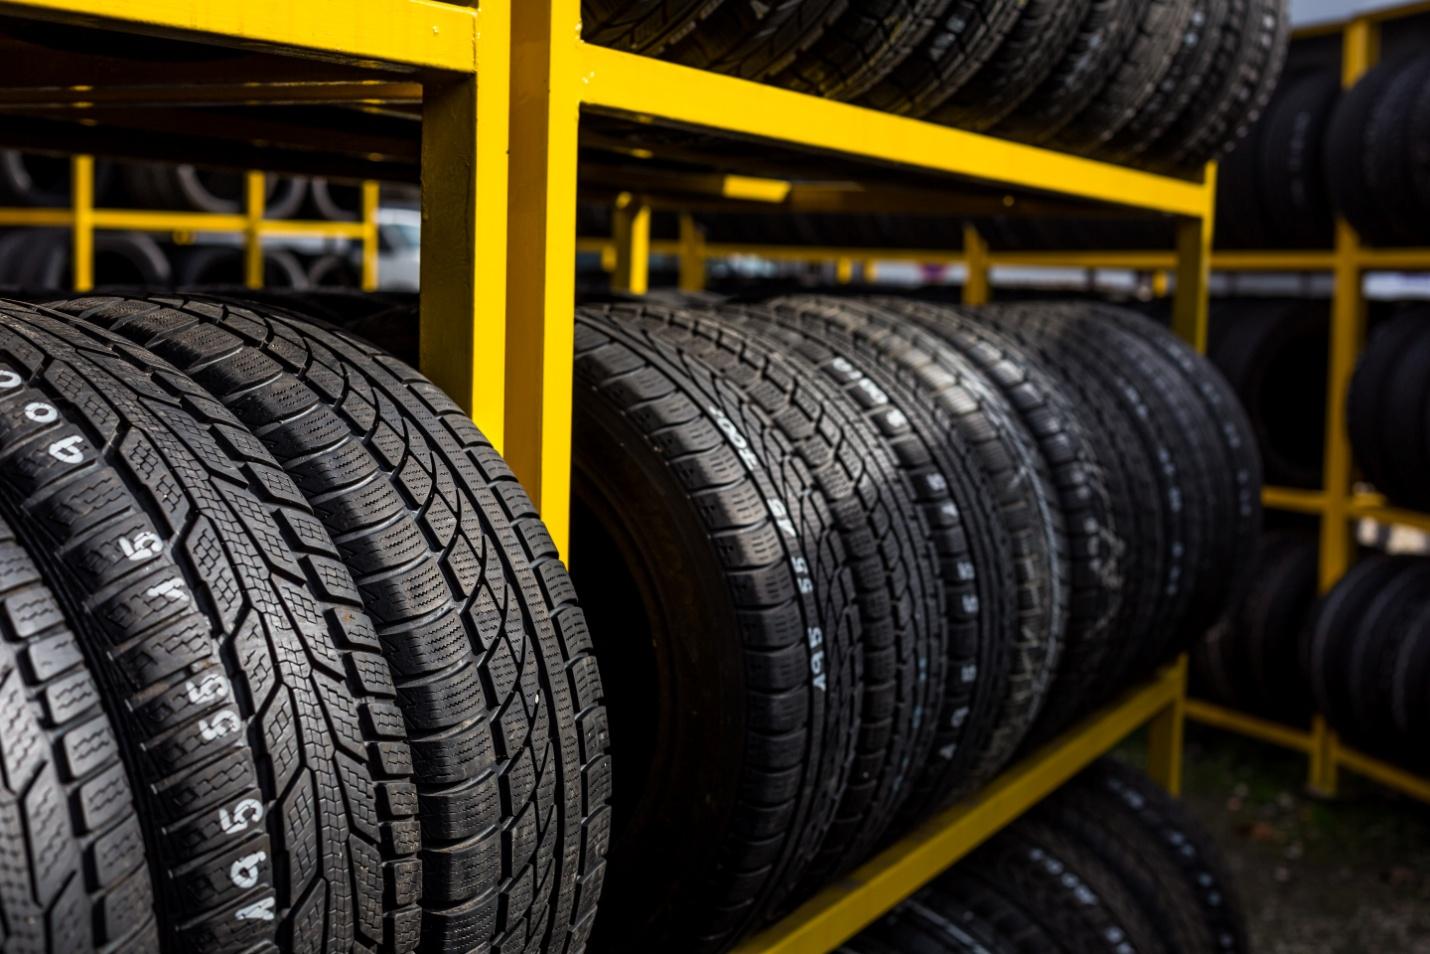 Ce qu'il faut savoir sur les pneus intelligents pour les commis aux pièces